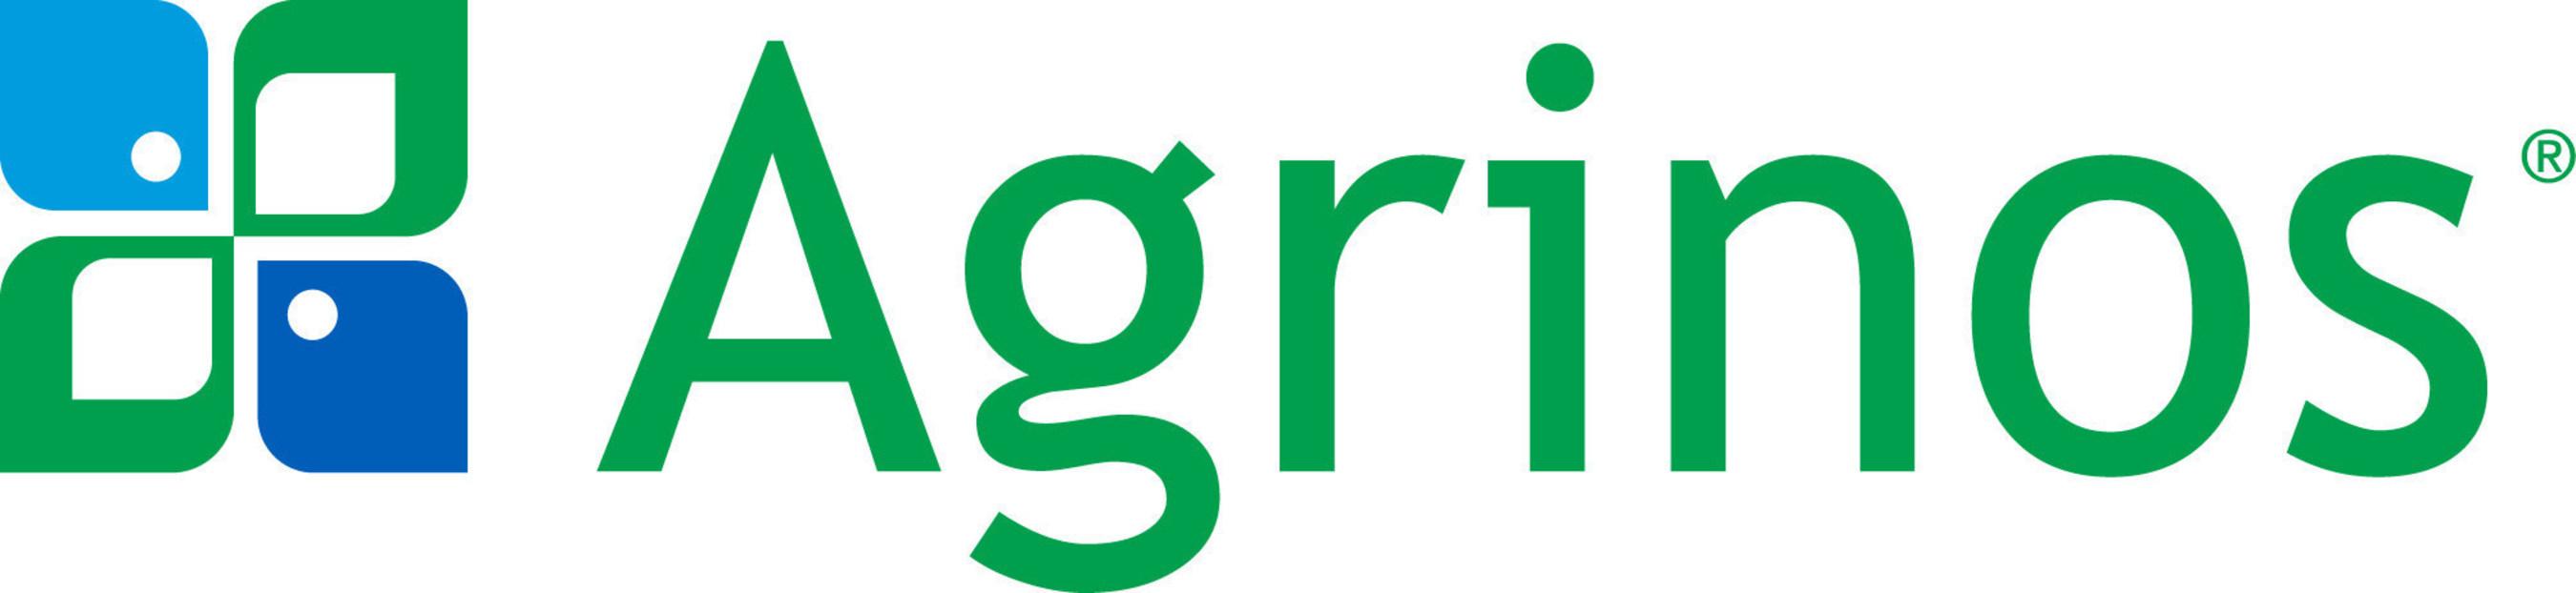 Agrinos gibt zwei neue Vorstandsmitglieder bekannt